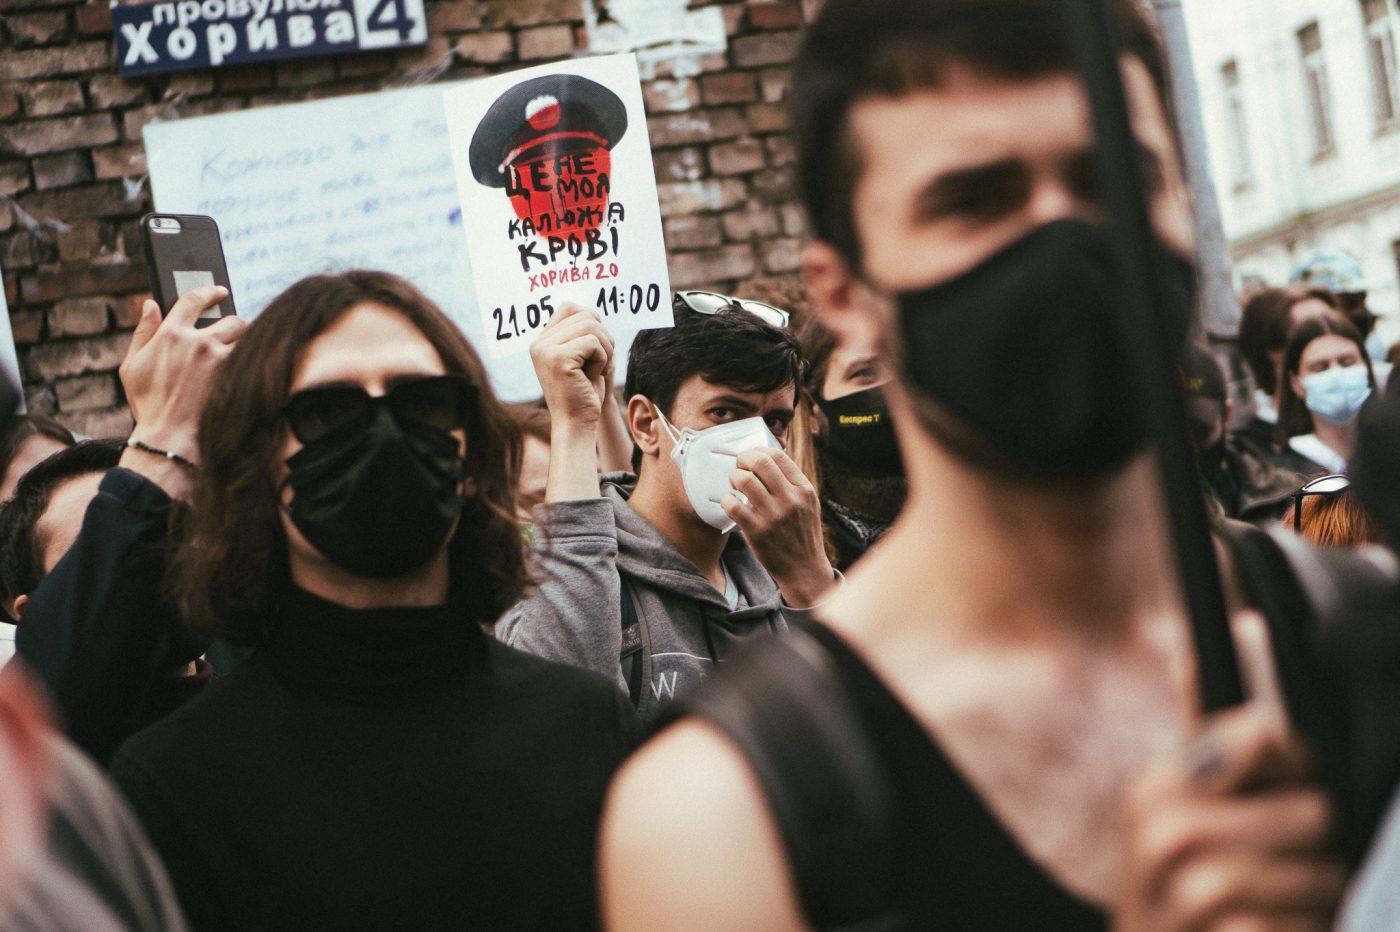 Киевские рейверы вышли на протест против полицейского насилия